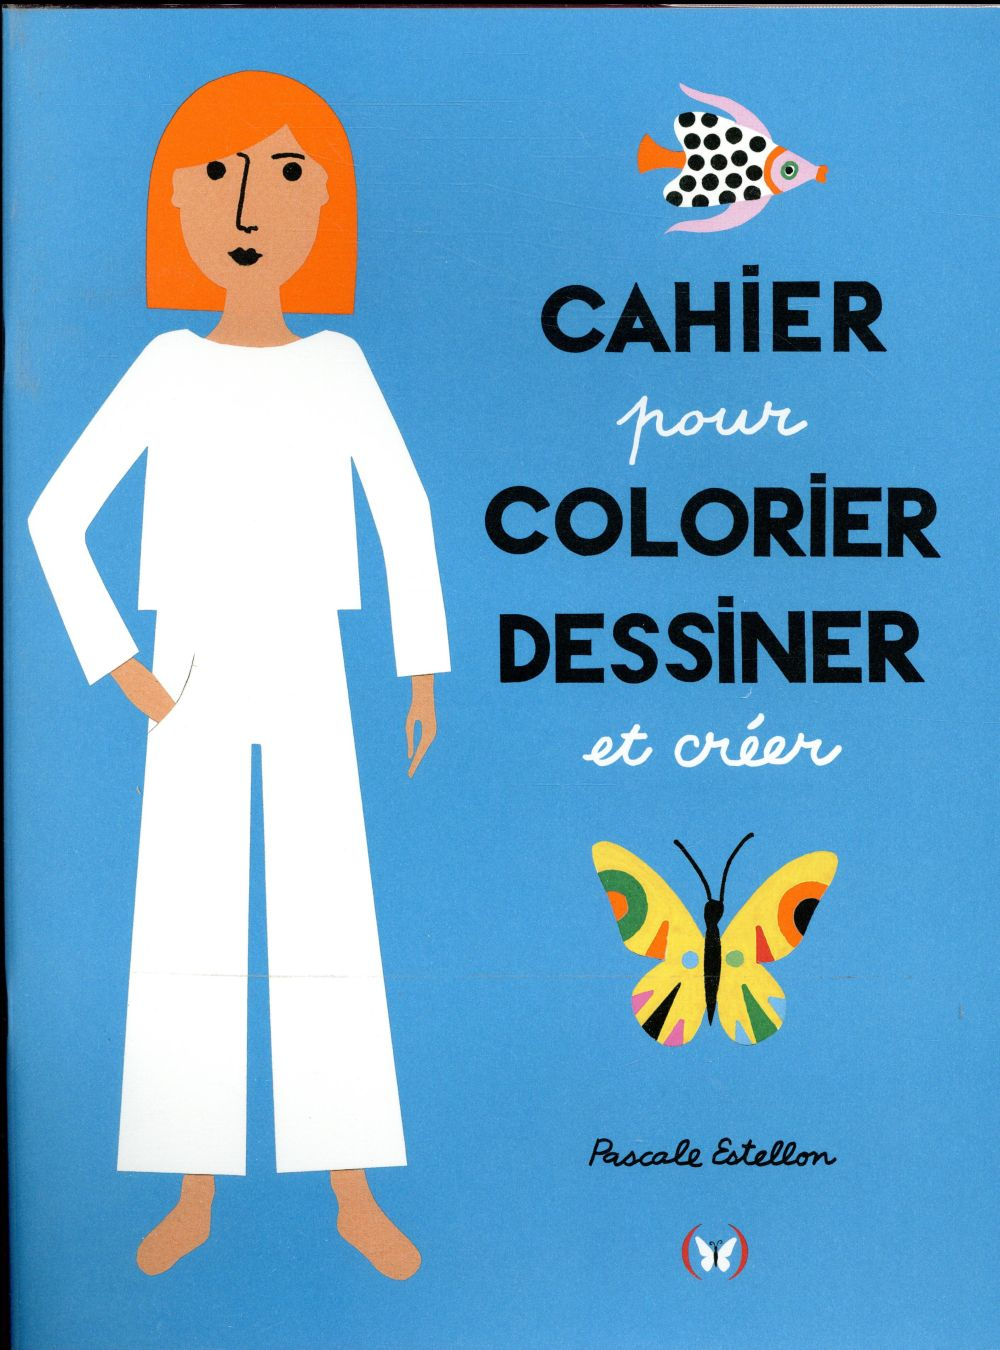 CAHIER POUR COLORIER, DESSINER ET CREER